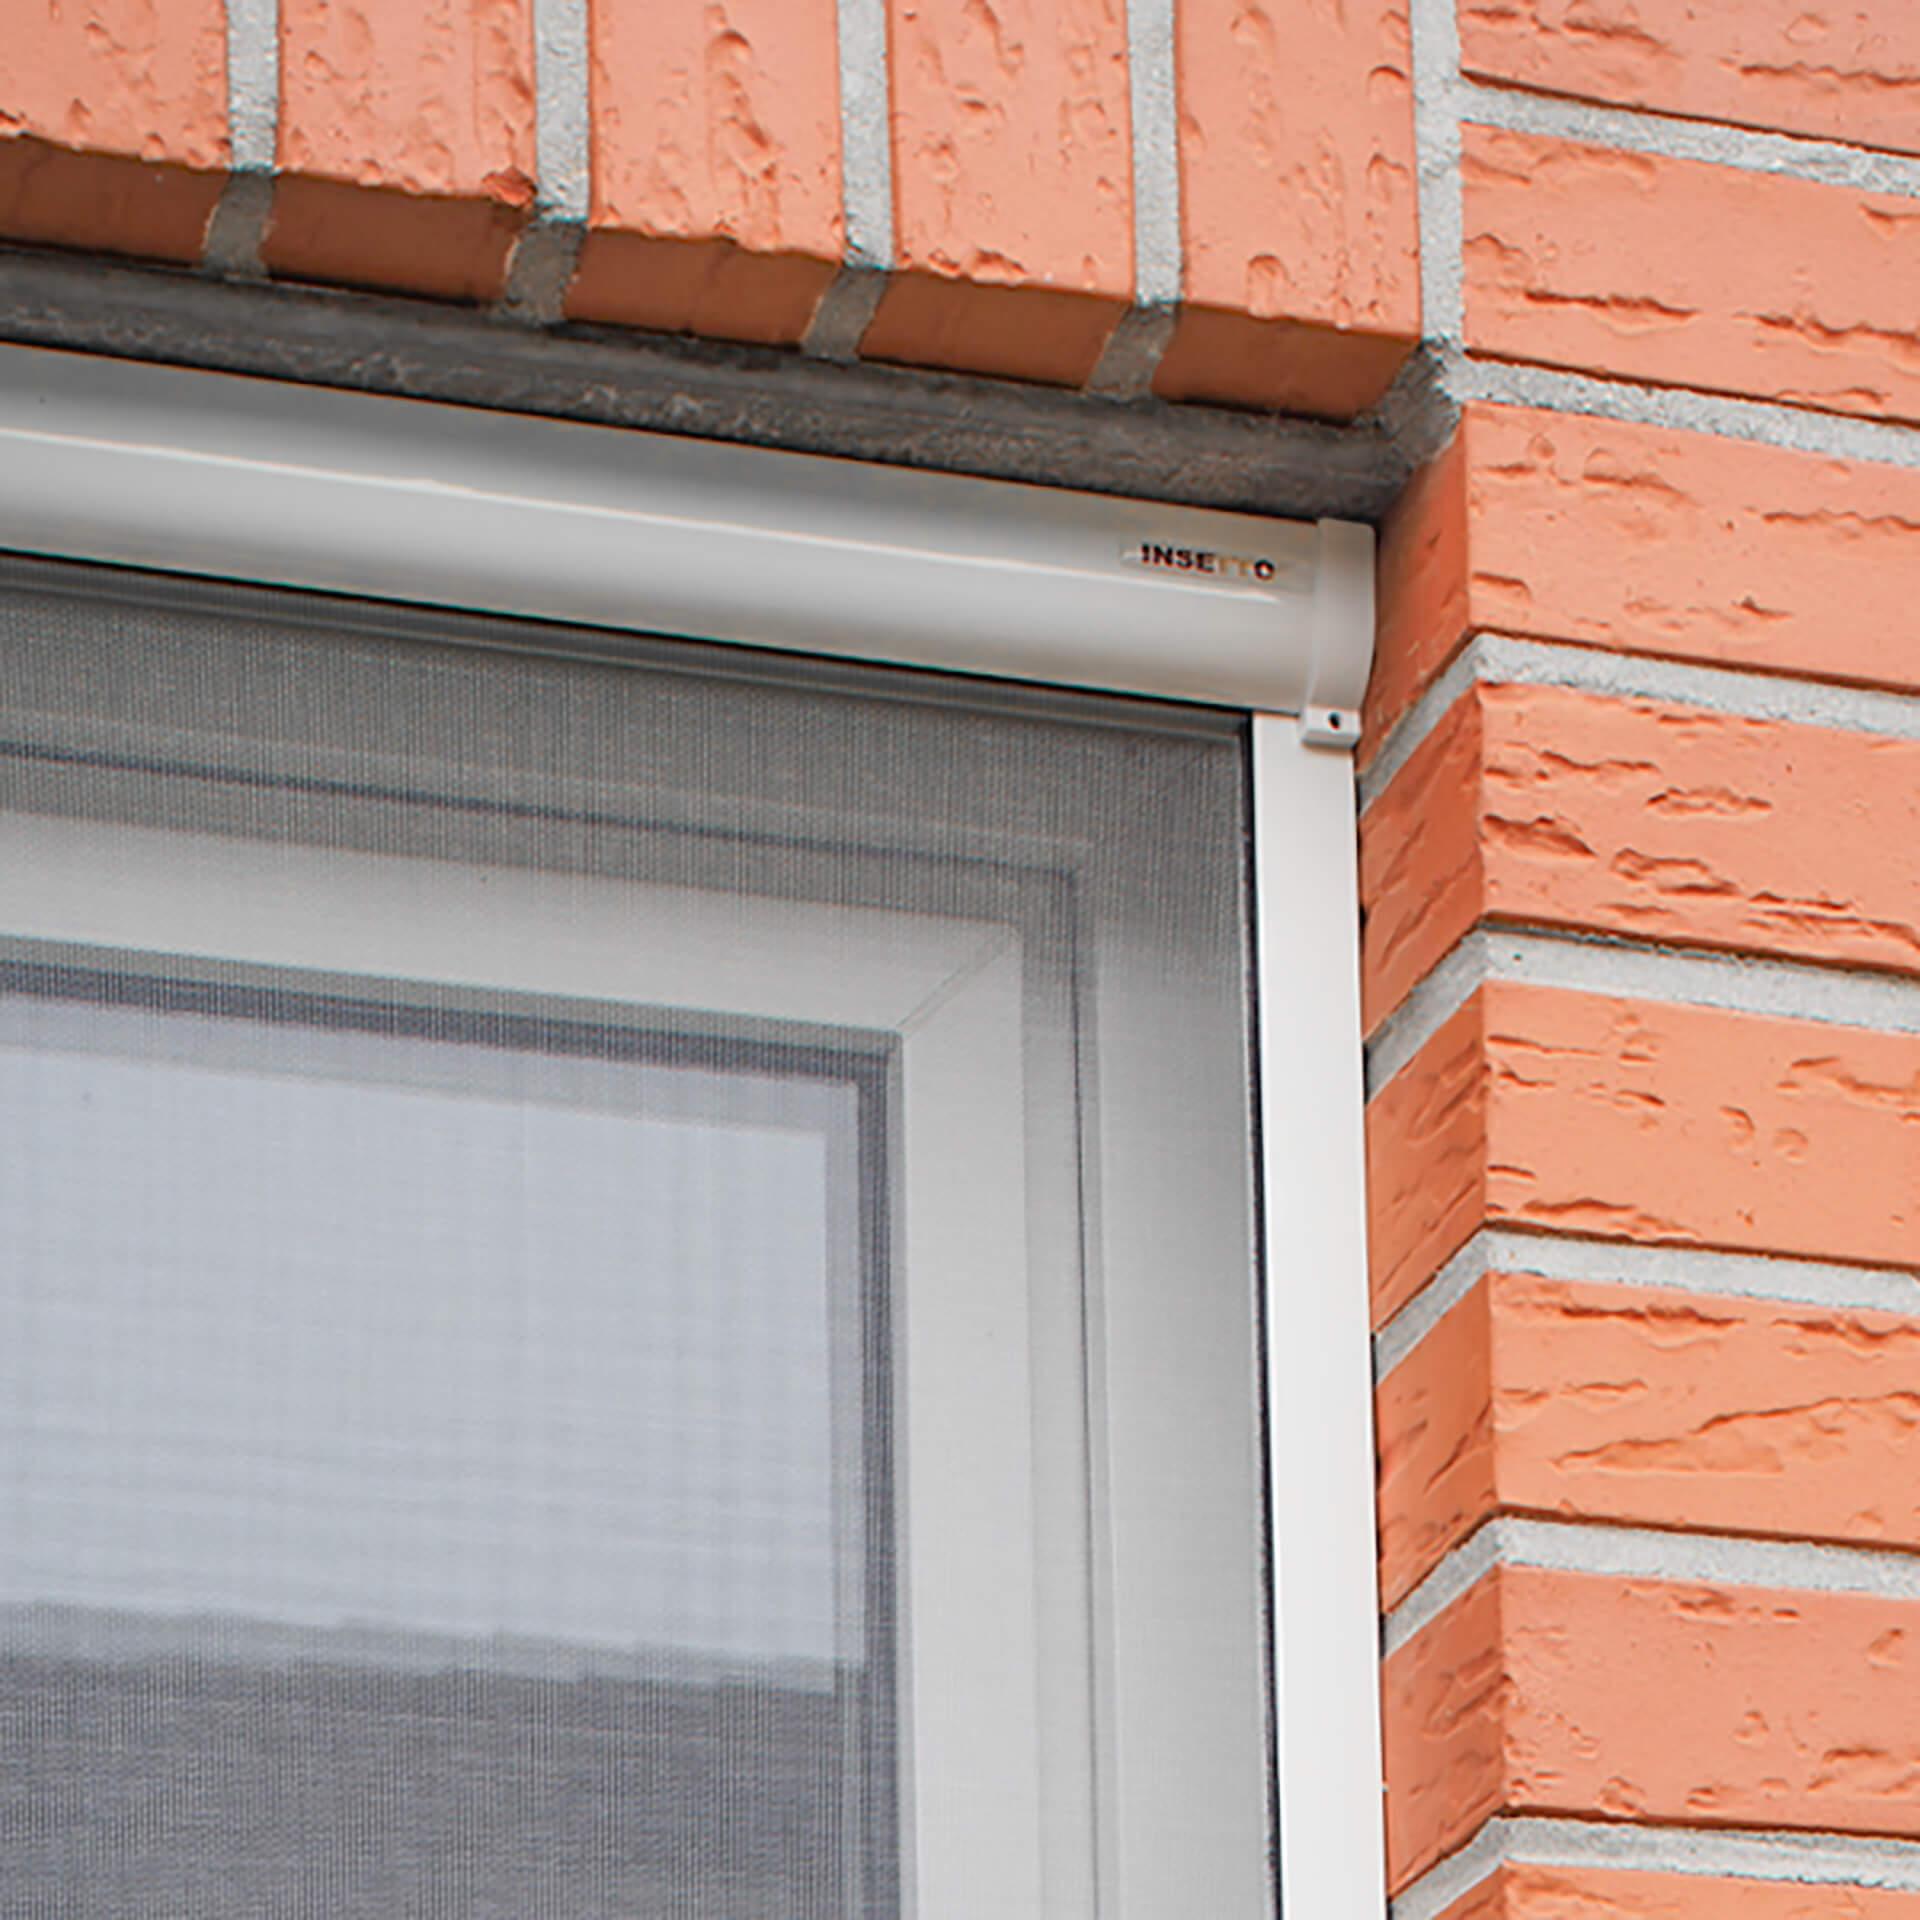 Insektenschutzrollo für Fenster   Rollokasten auch zum Einklemmen   Adria